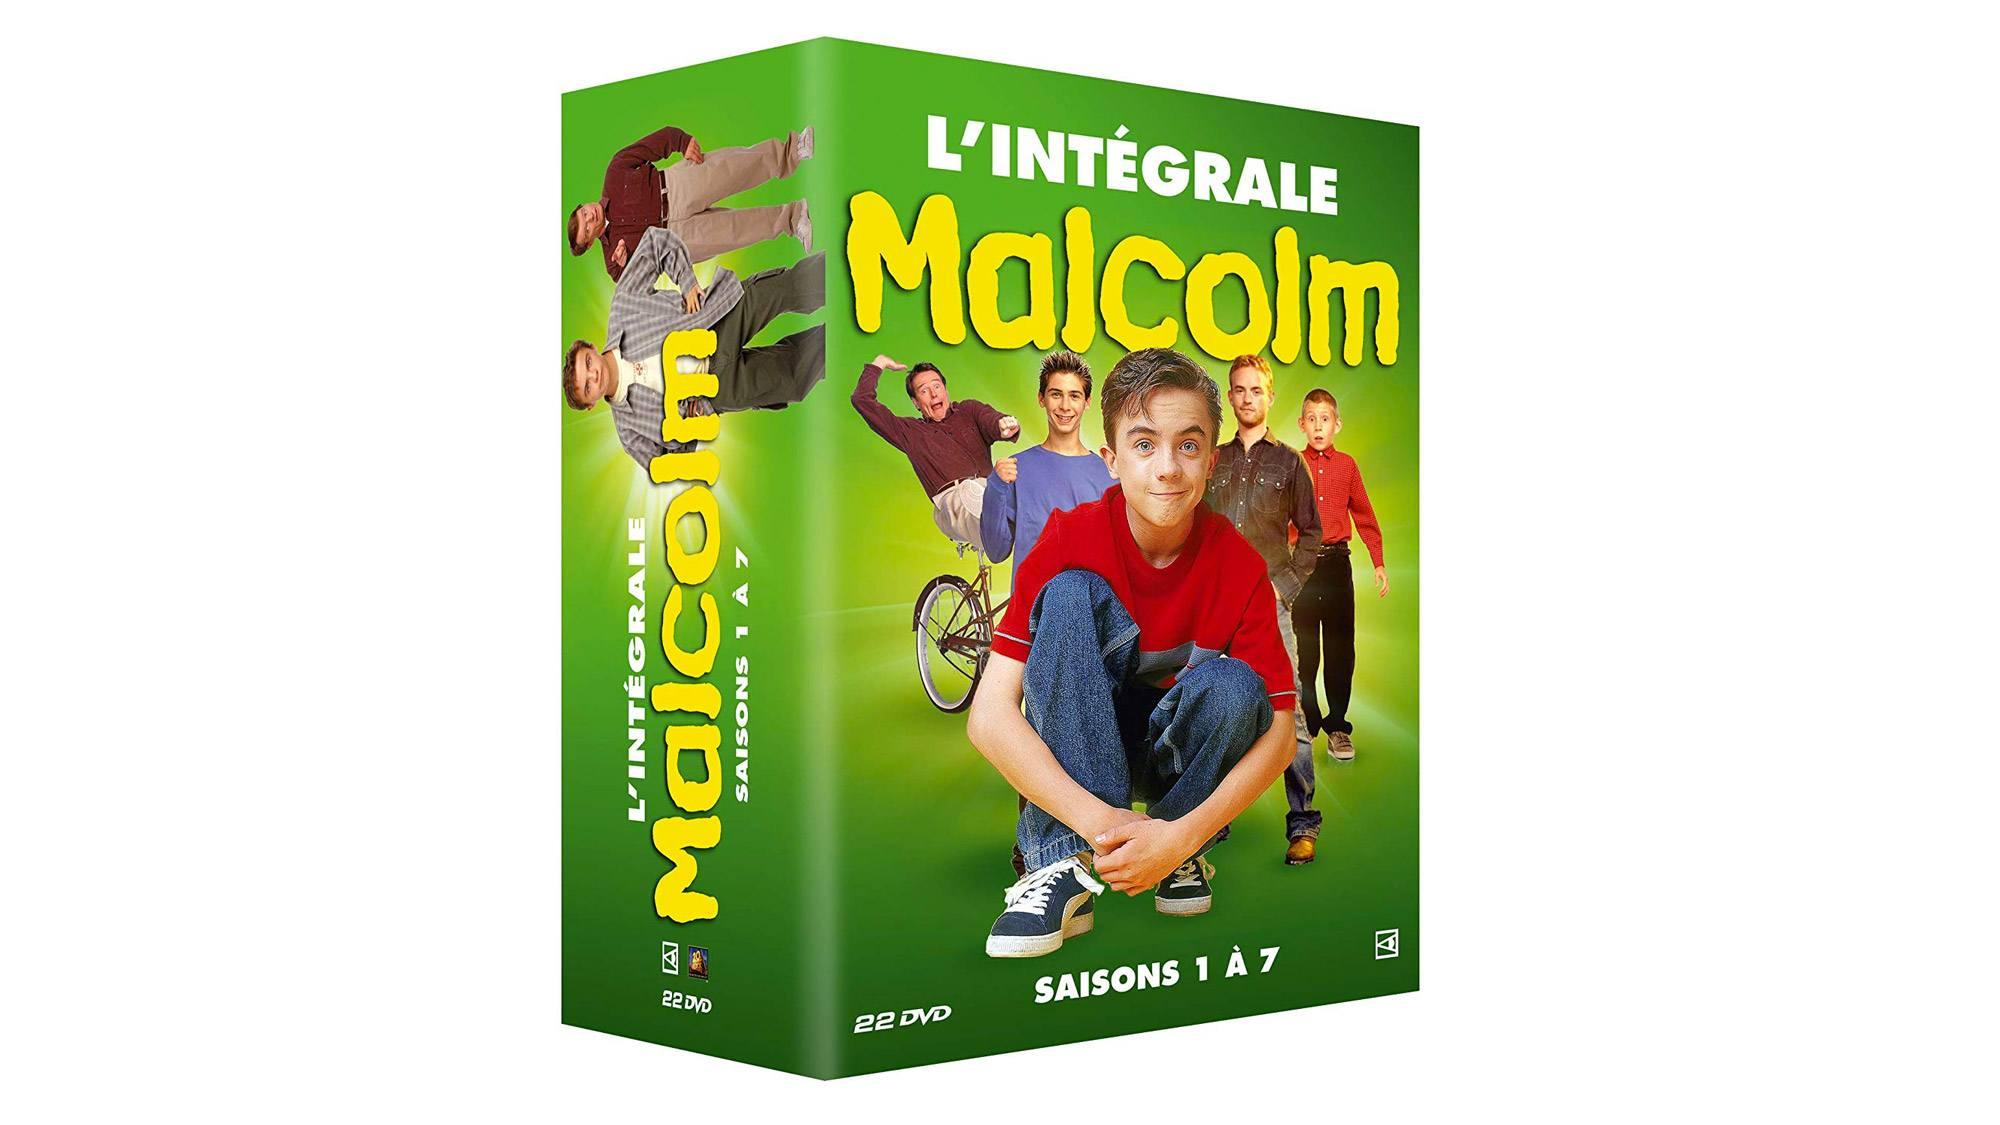 Malcolm – L'intégrale – Saisons 1 à 7